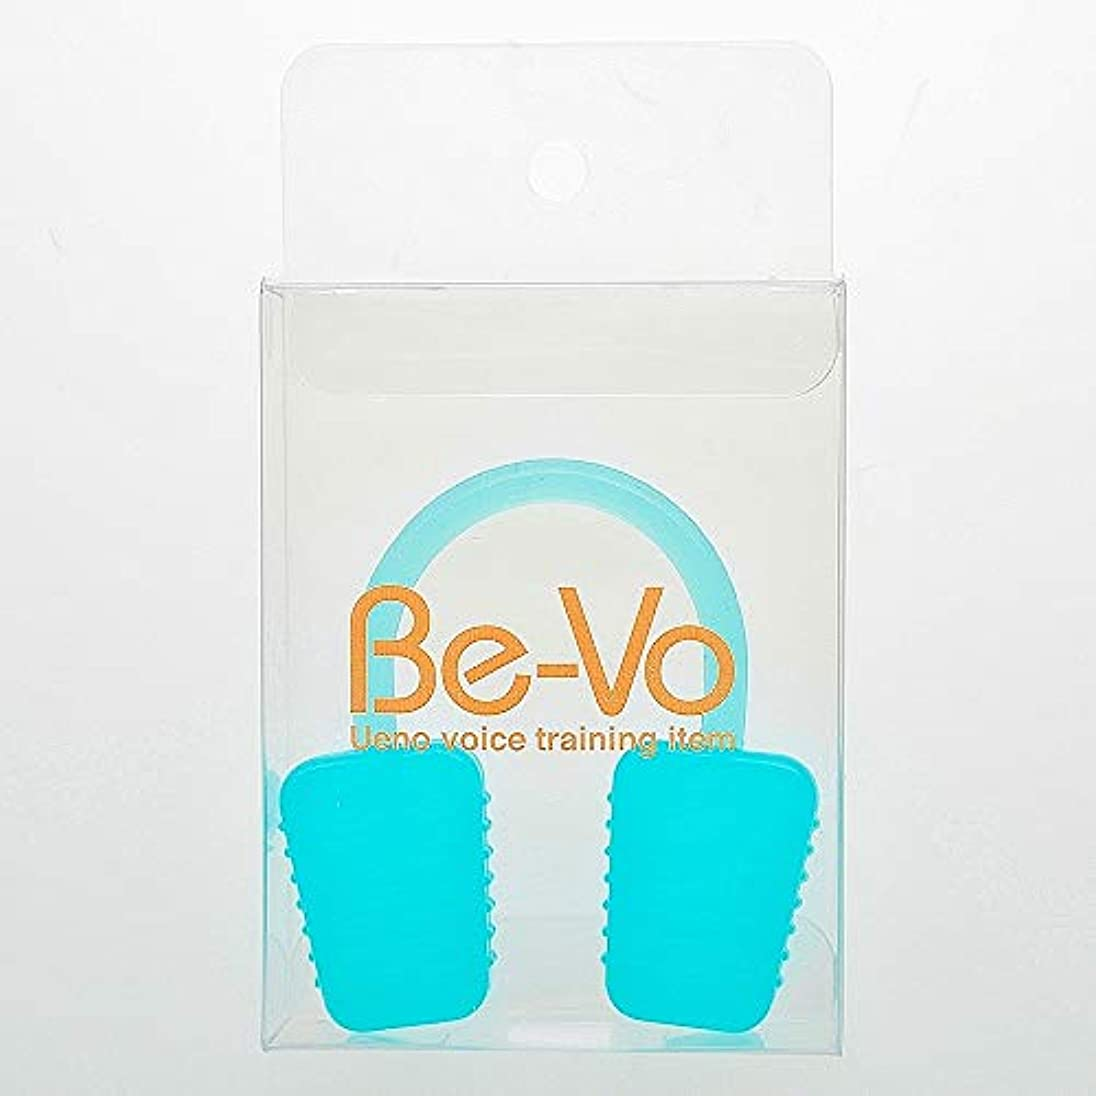 代替サーカスアメリカBe-Vo (ビーボ) ボイストレーニング器具 自宅で簡単ボイトレグッズ (ブルー)